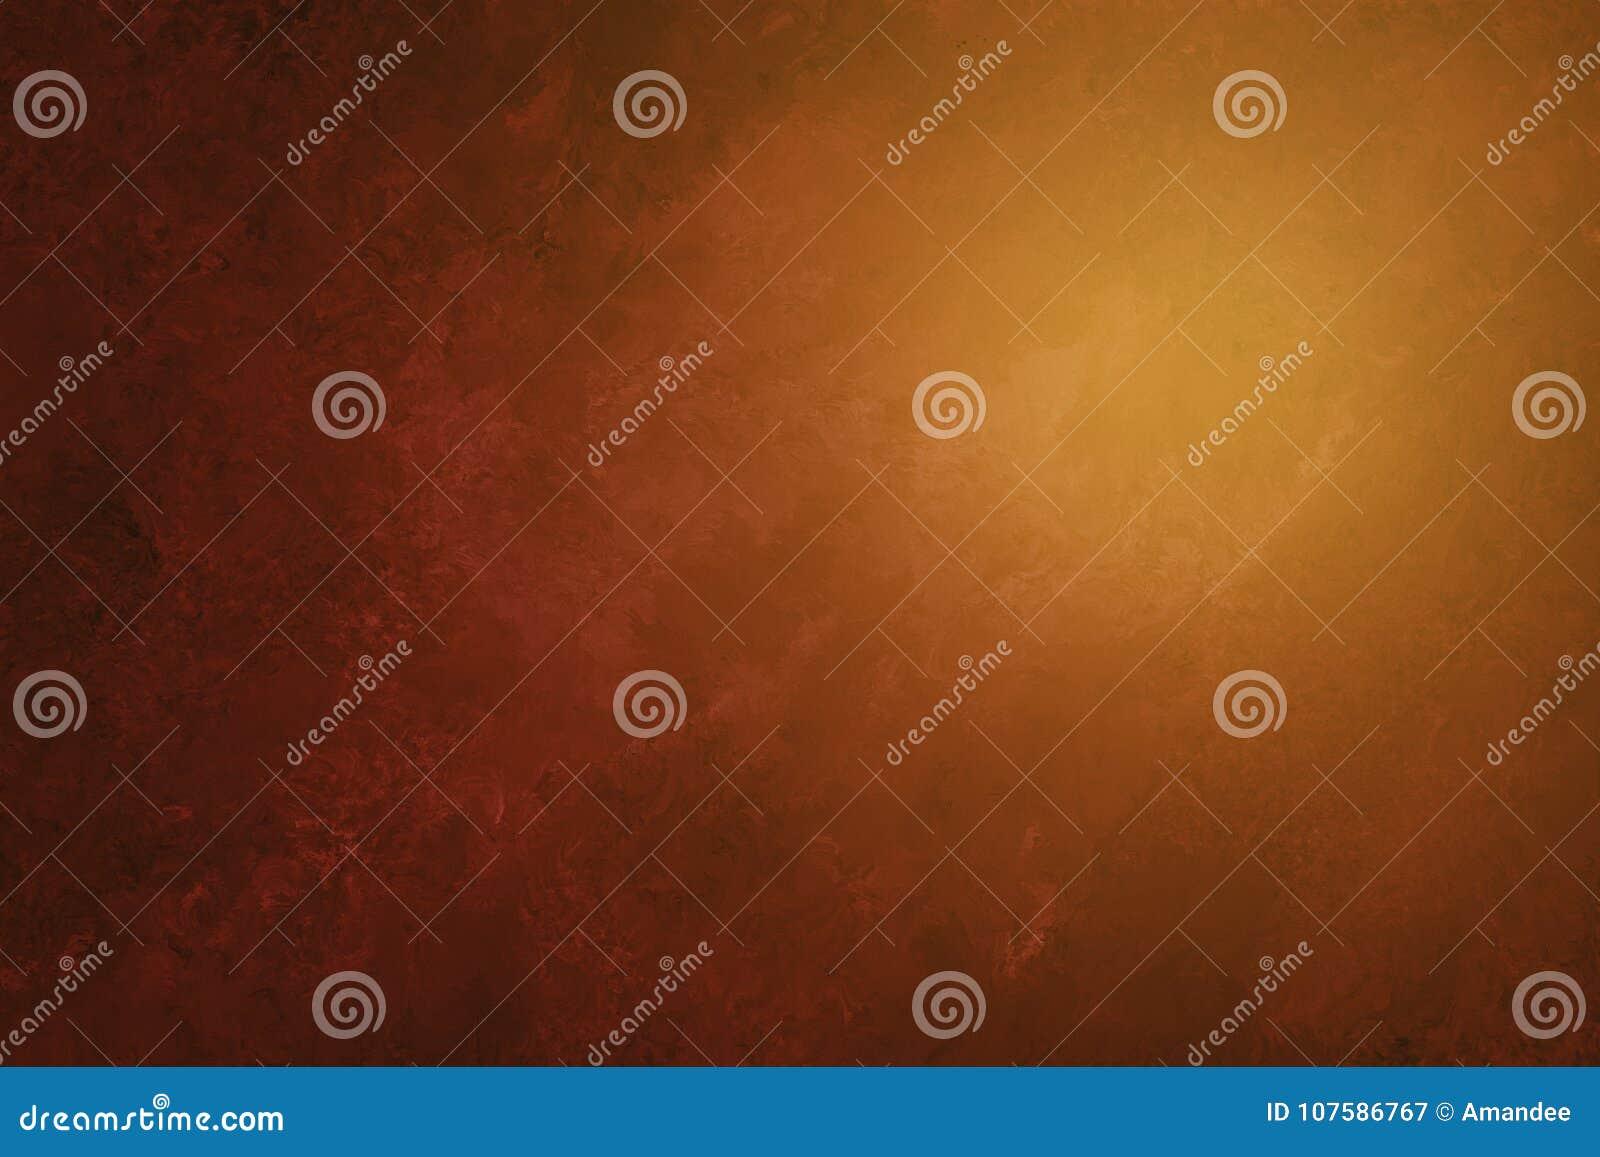 Brauner orange und schwarzer Luxushintergrund mit gemalter abstrakter Marmorbeschaffenheit in elegantem Design, in weichem Sonnen